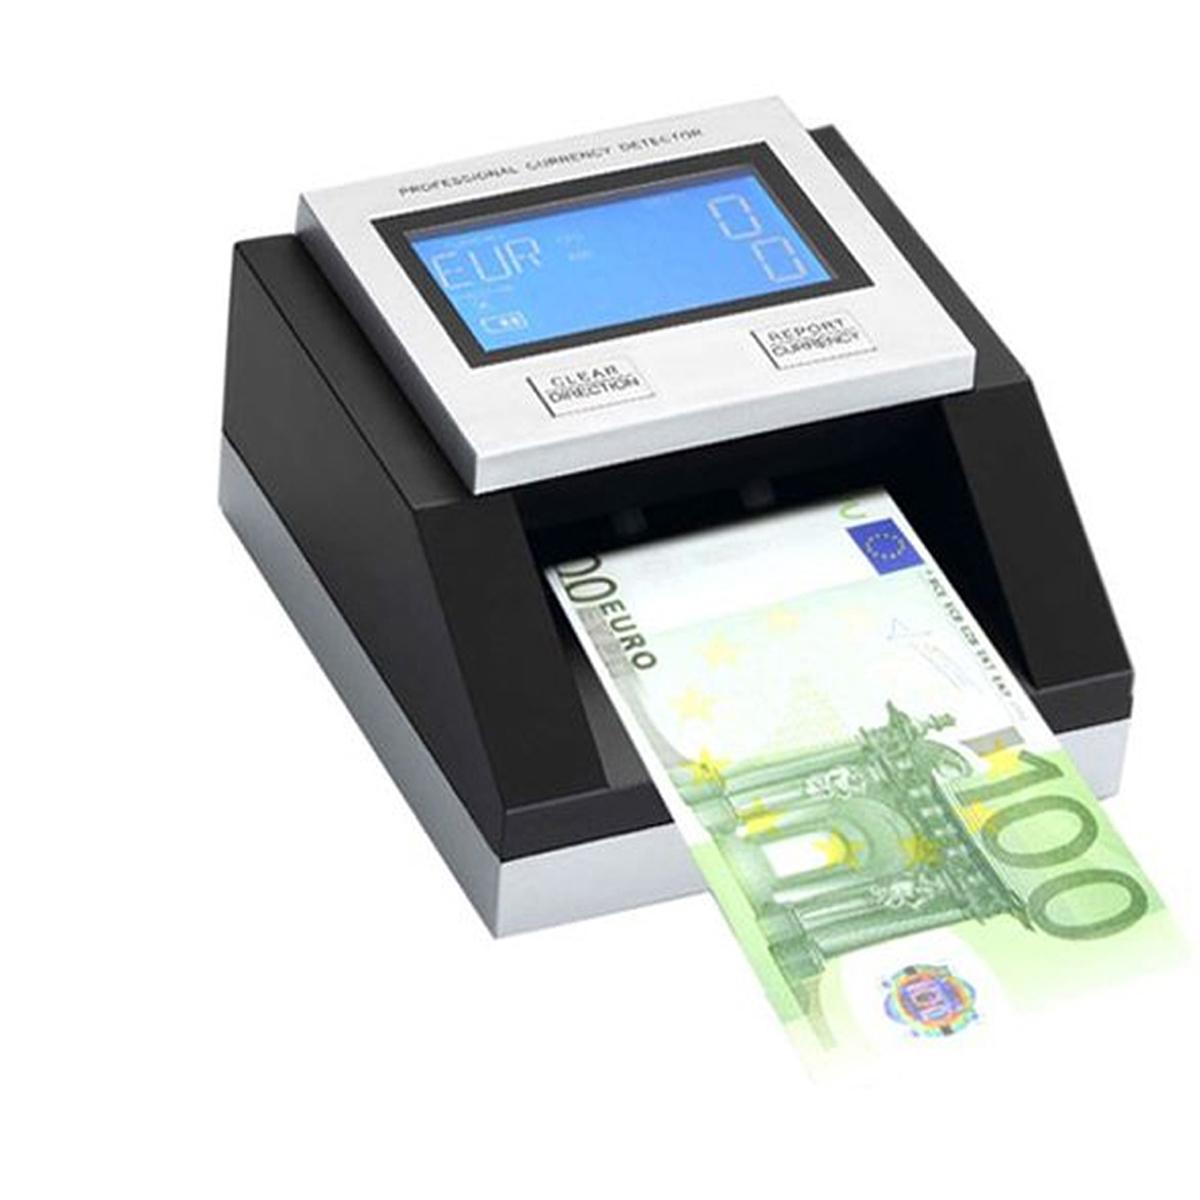 Ανιχνευτές Πλαστότητας - Καταμετρητές Χρημάτων